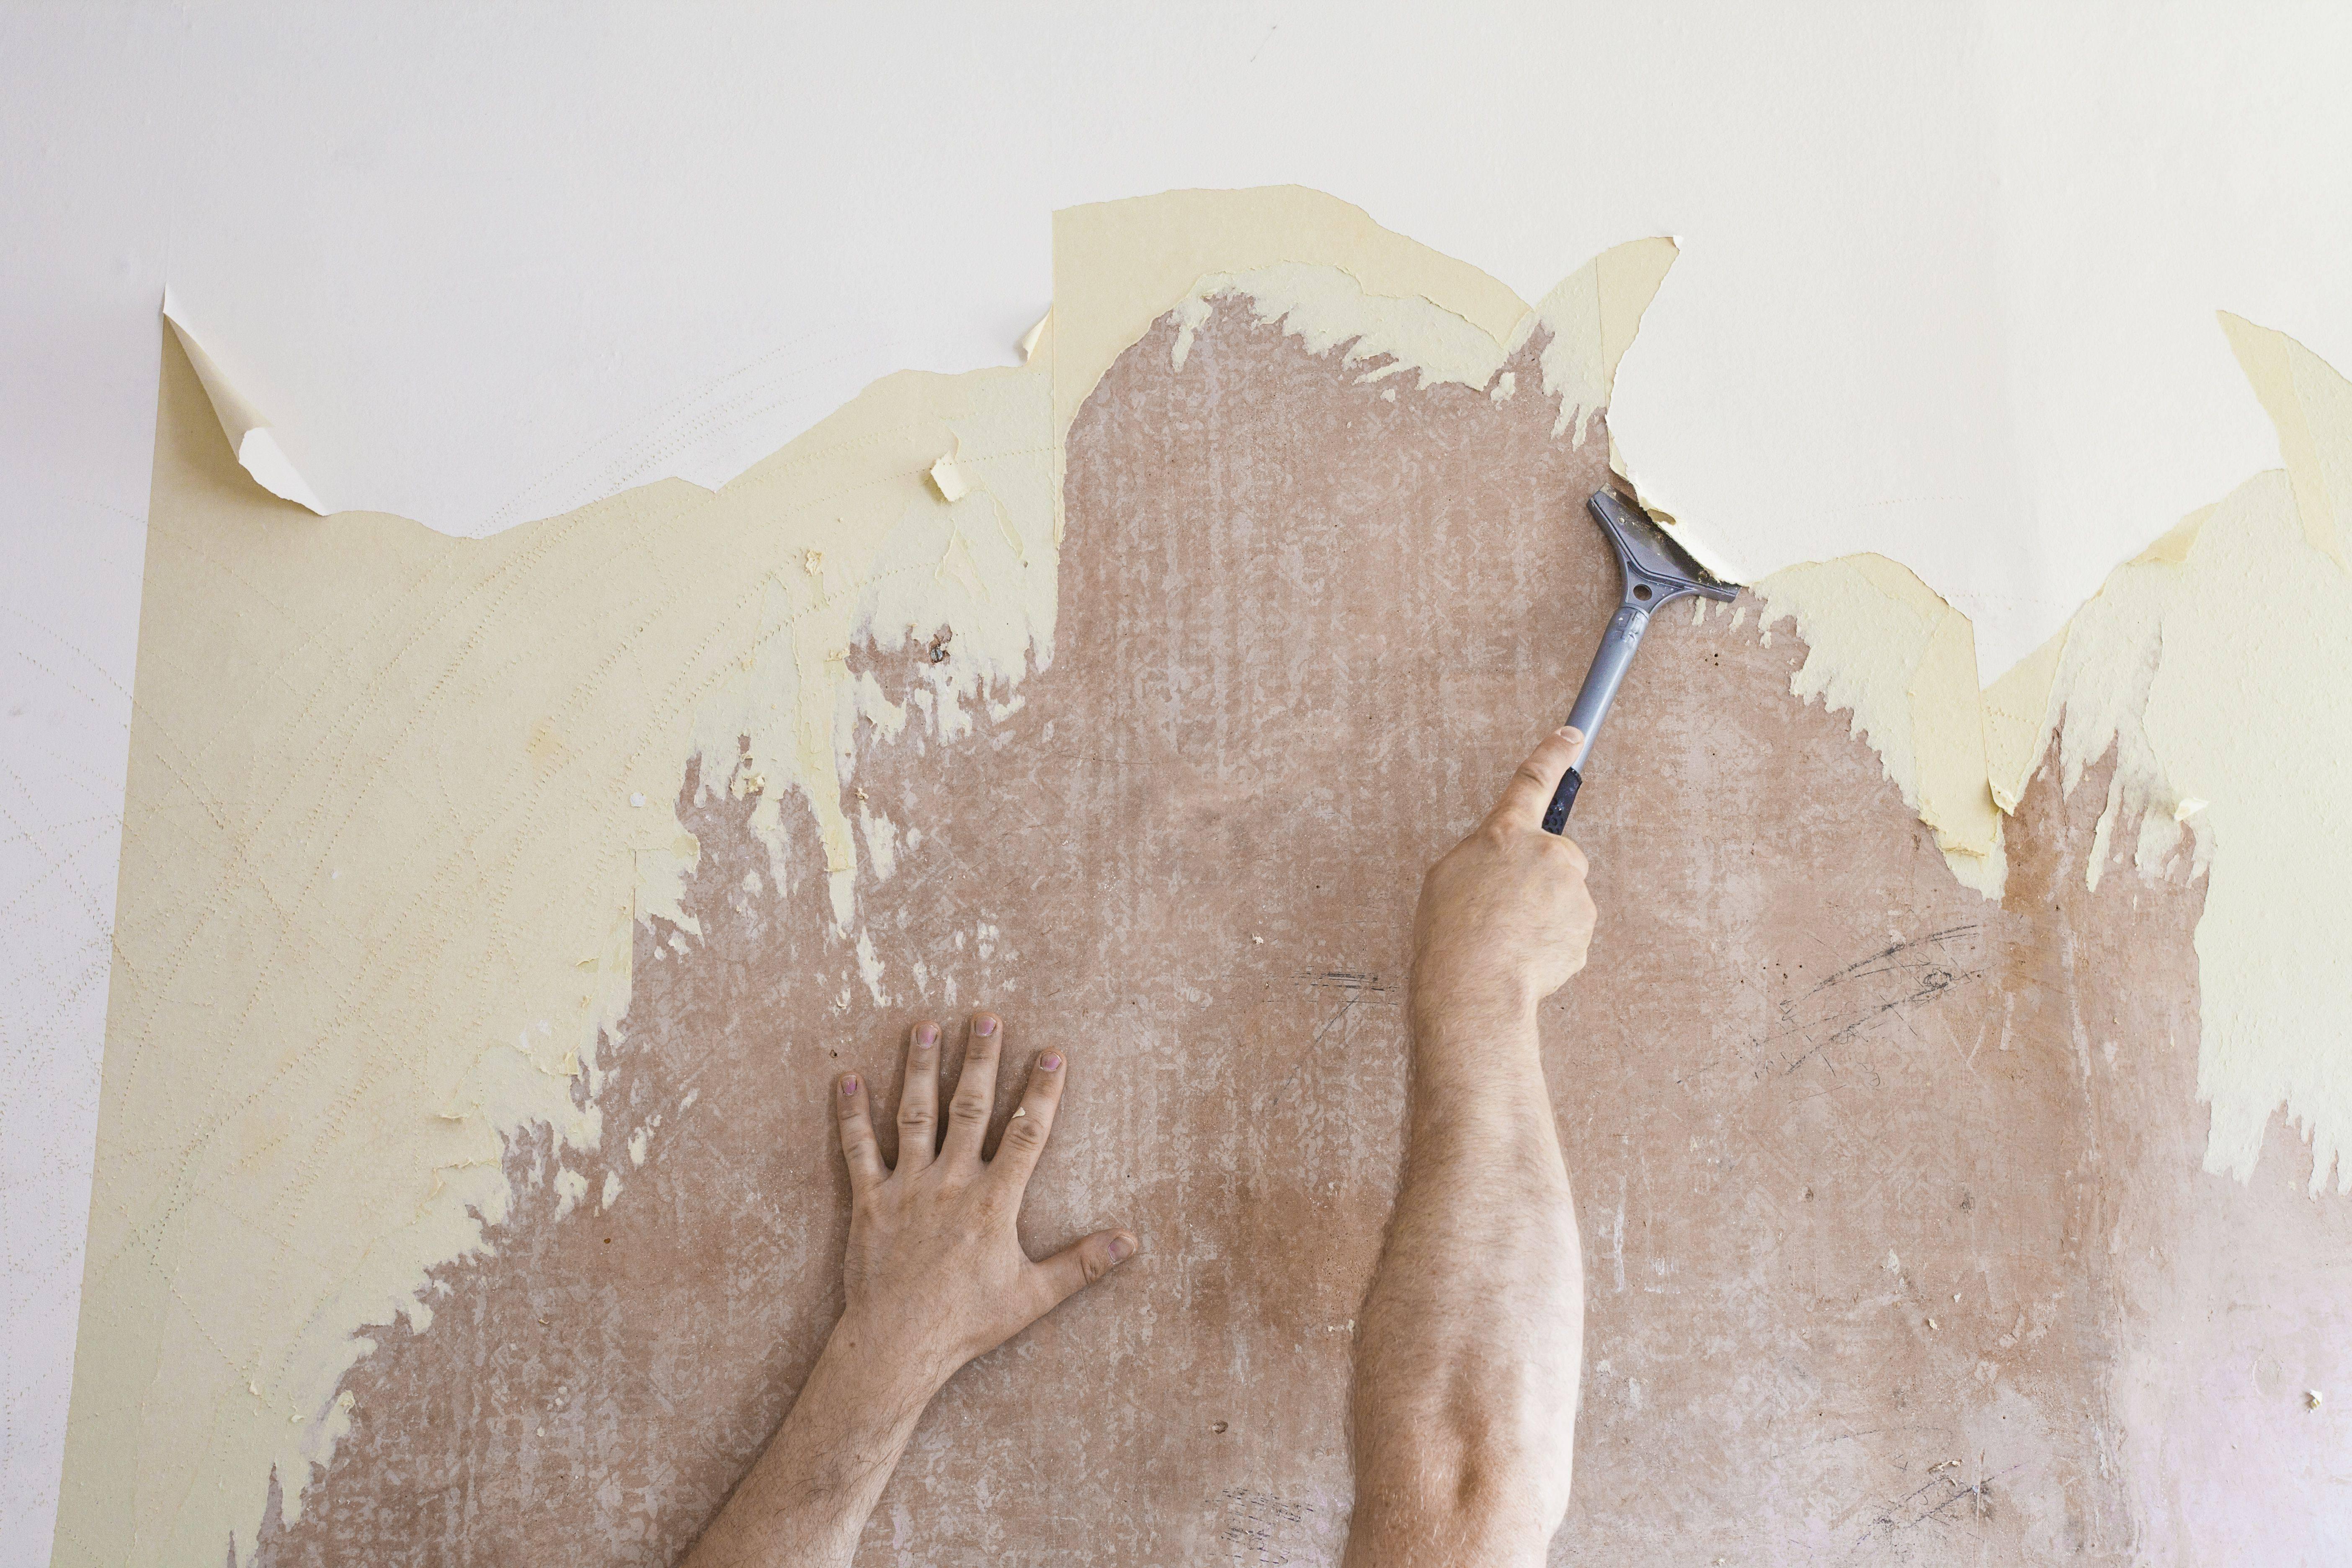 mature man using scraper to scrape off old wallpaper 5a d642dca001a3ddb74